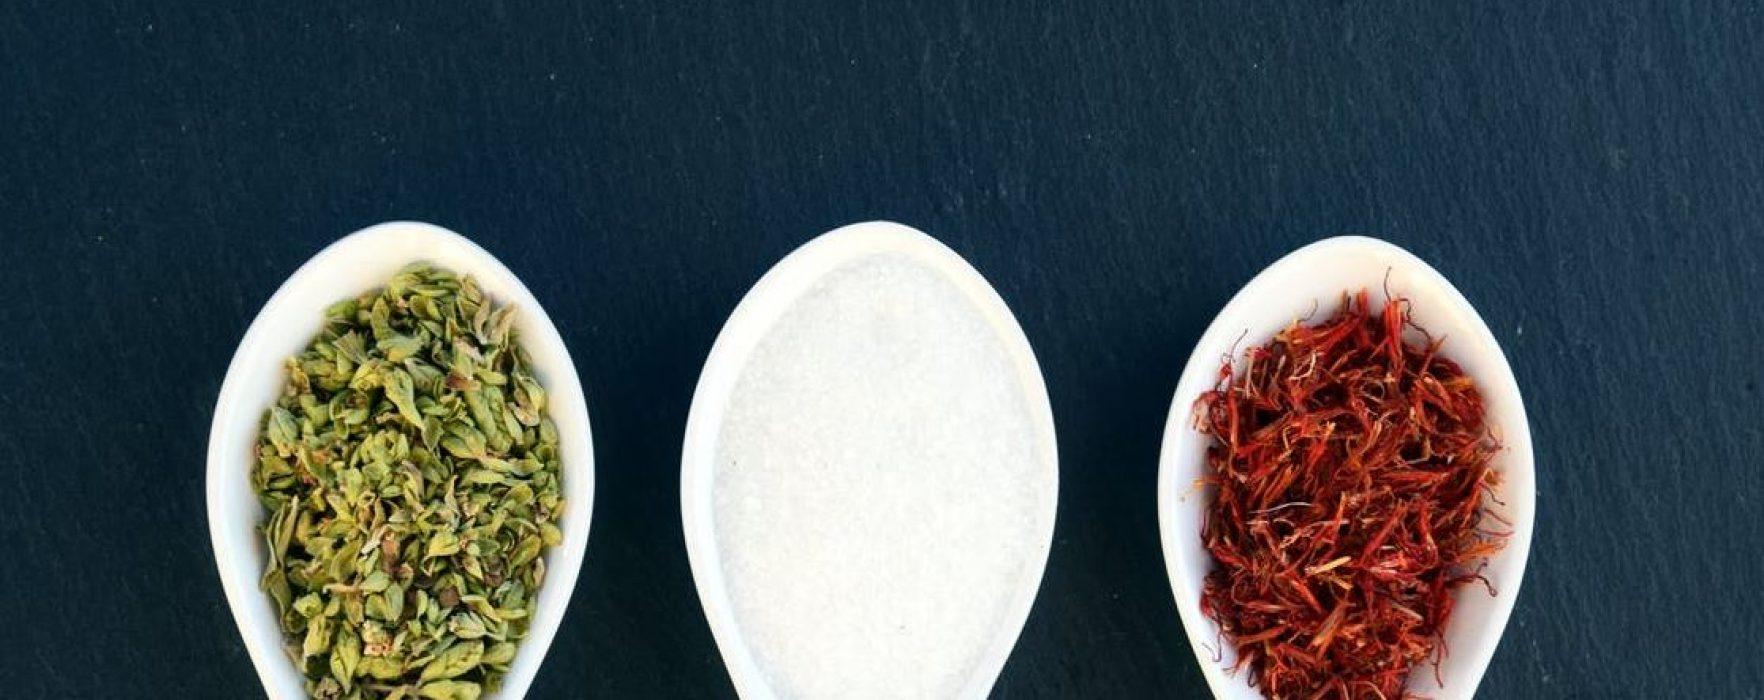 Ideas originales para decorar la cocina: transformar el espacio fácilmente